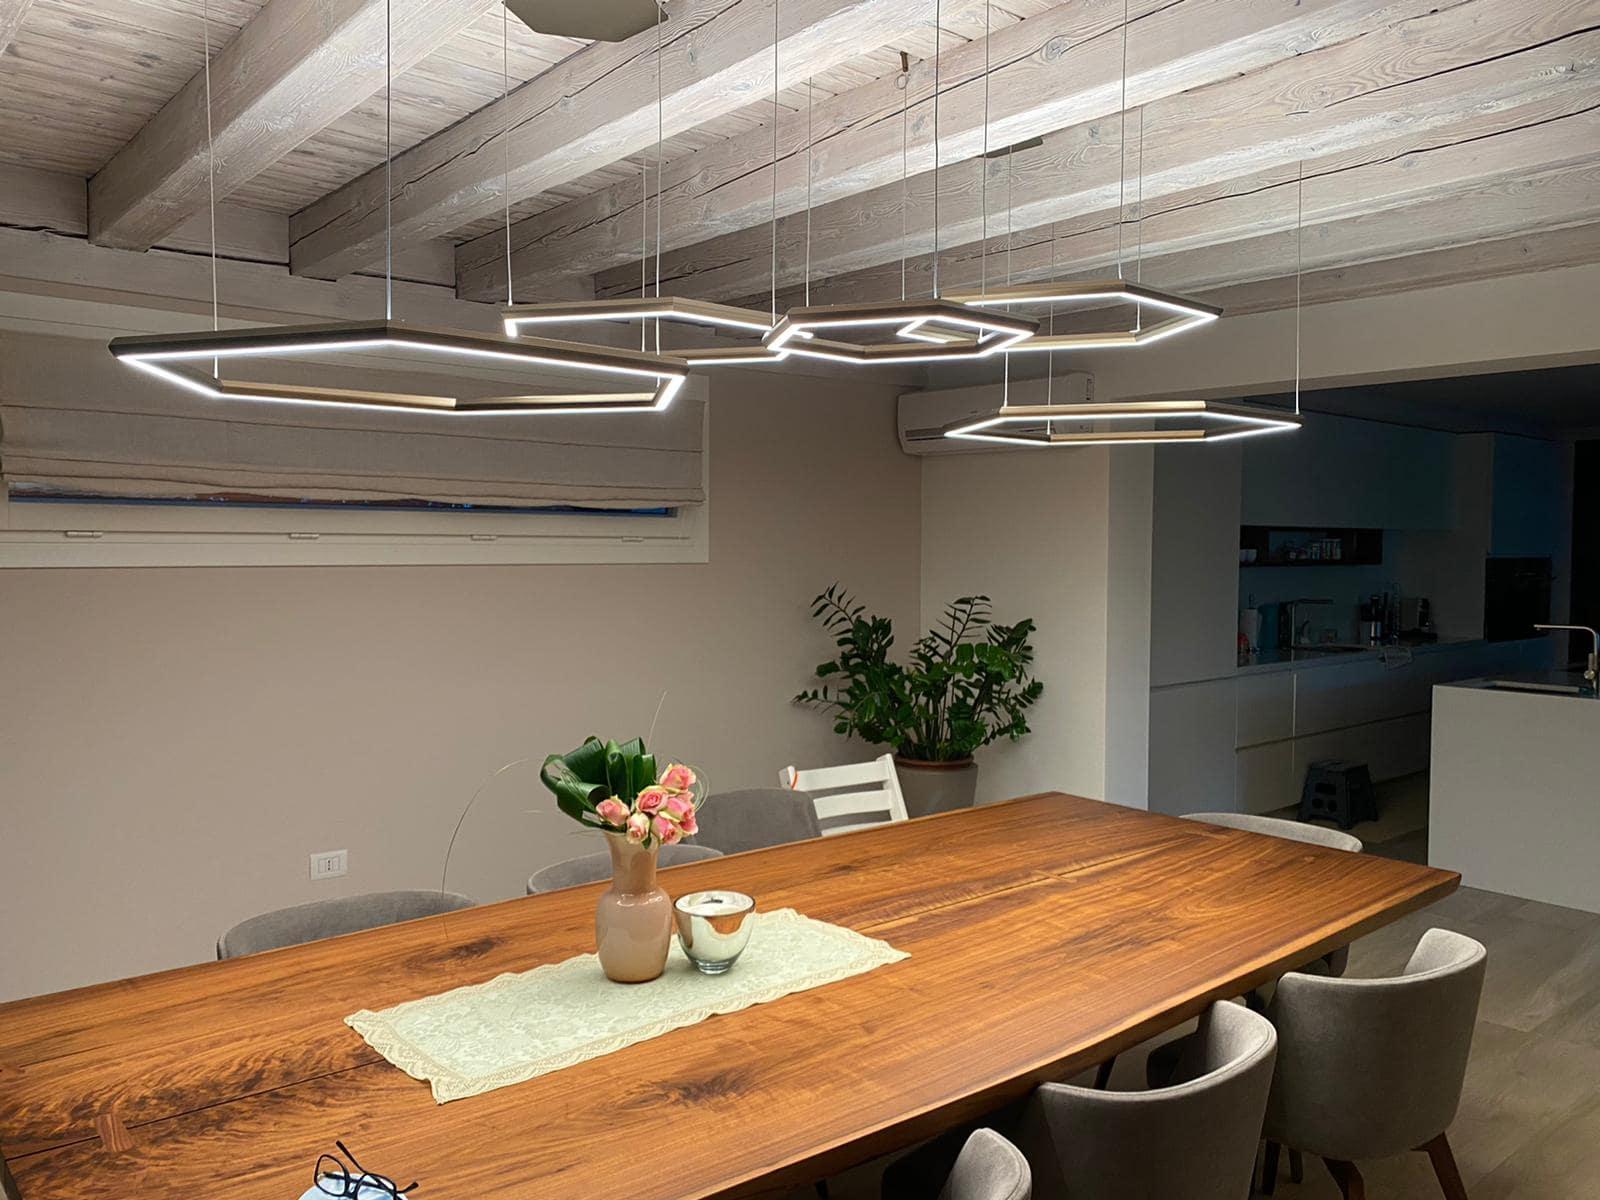 POLY_ESAGONO_tavolo_arch_orietta (2) lampada design sospensione led